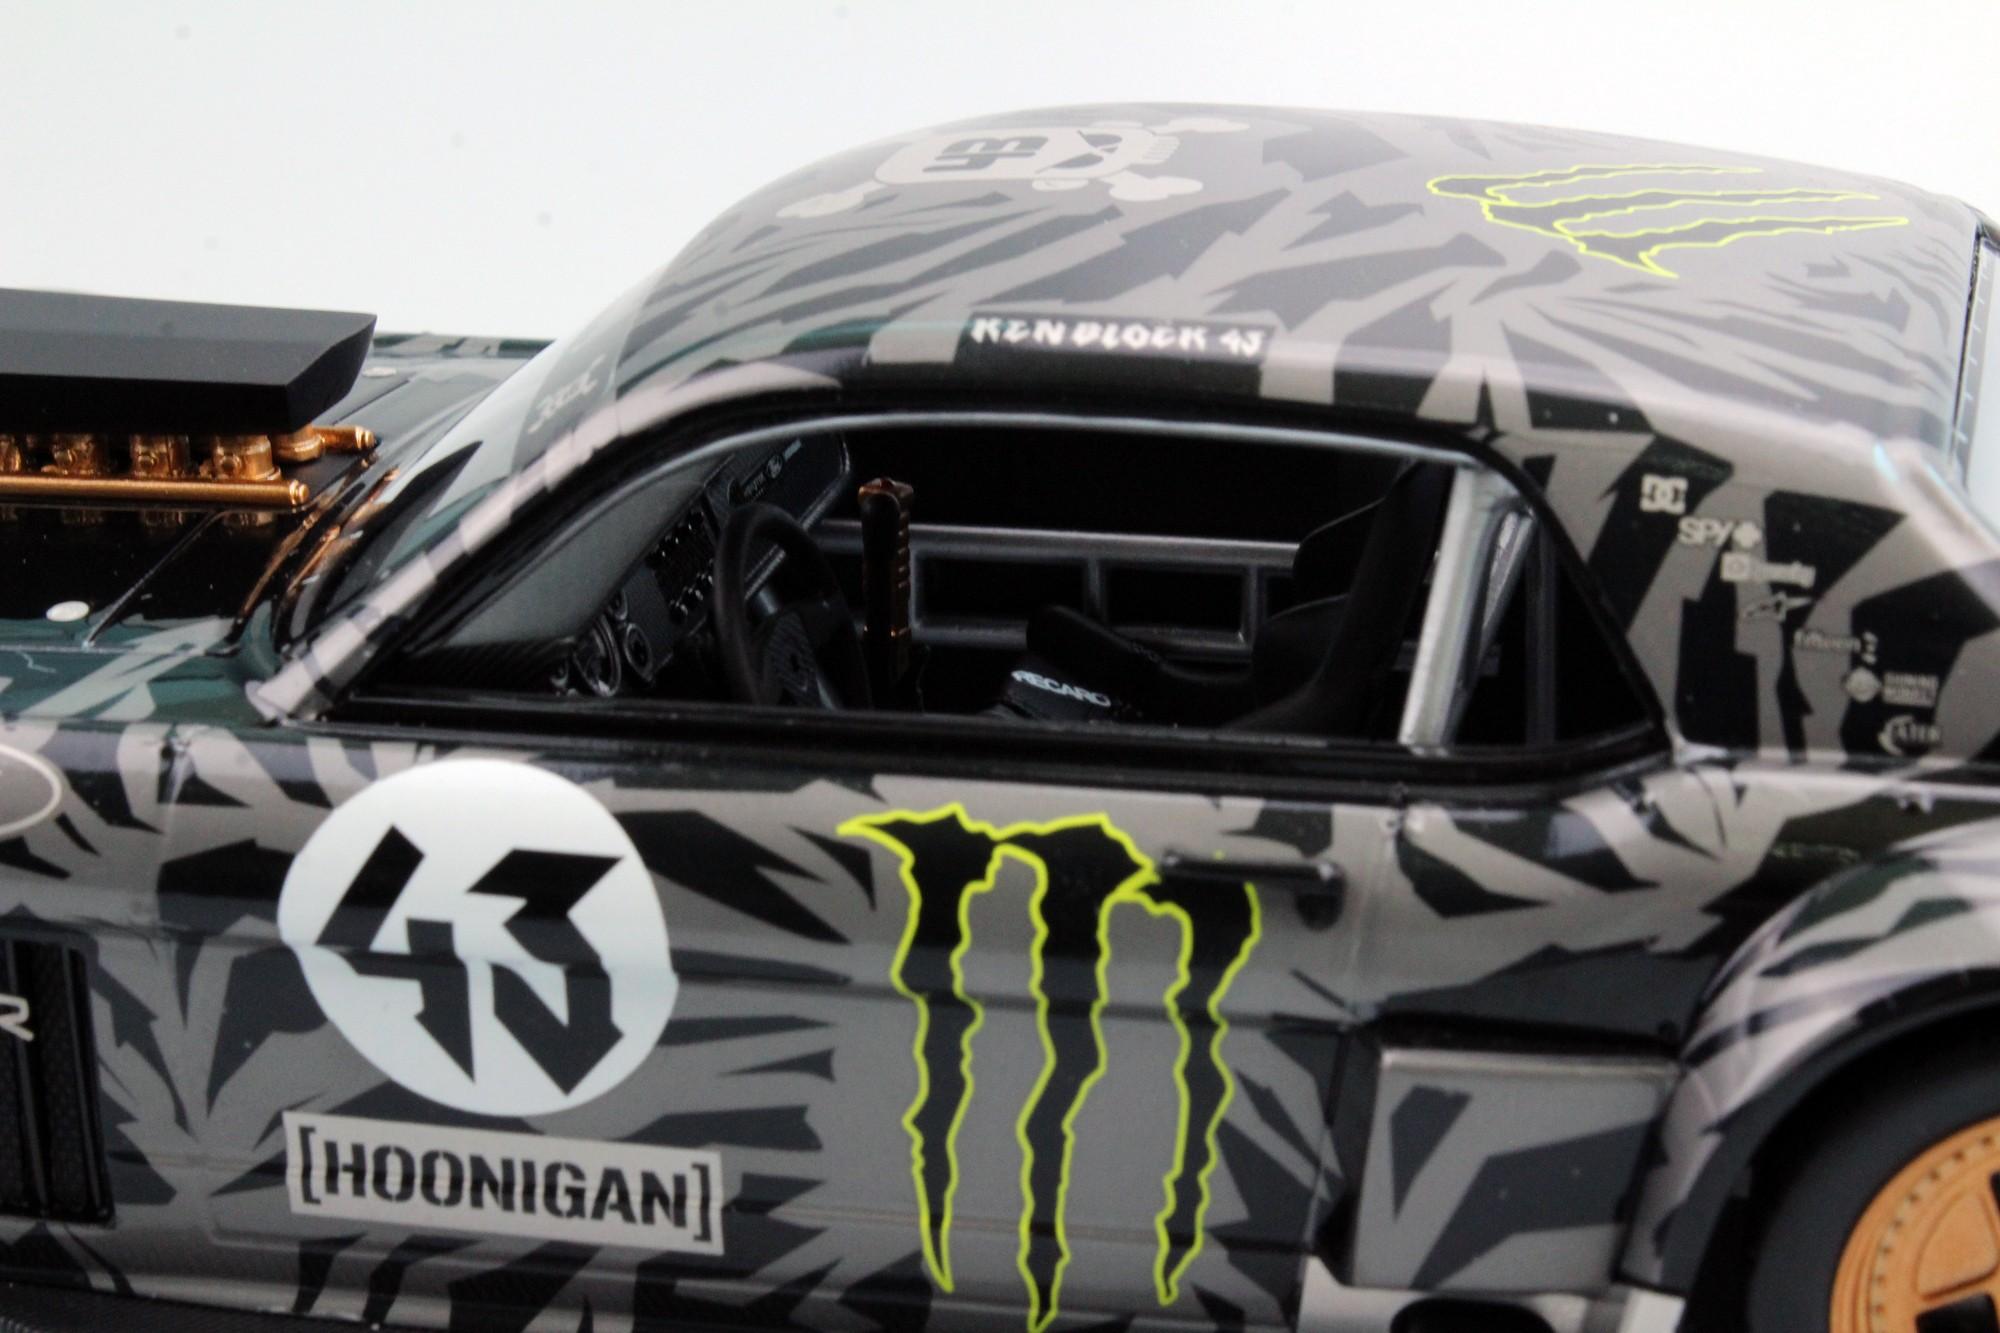 Hoonigan Mustang Toy